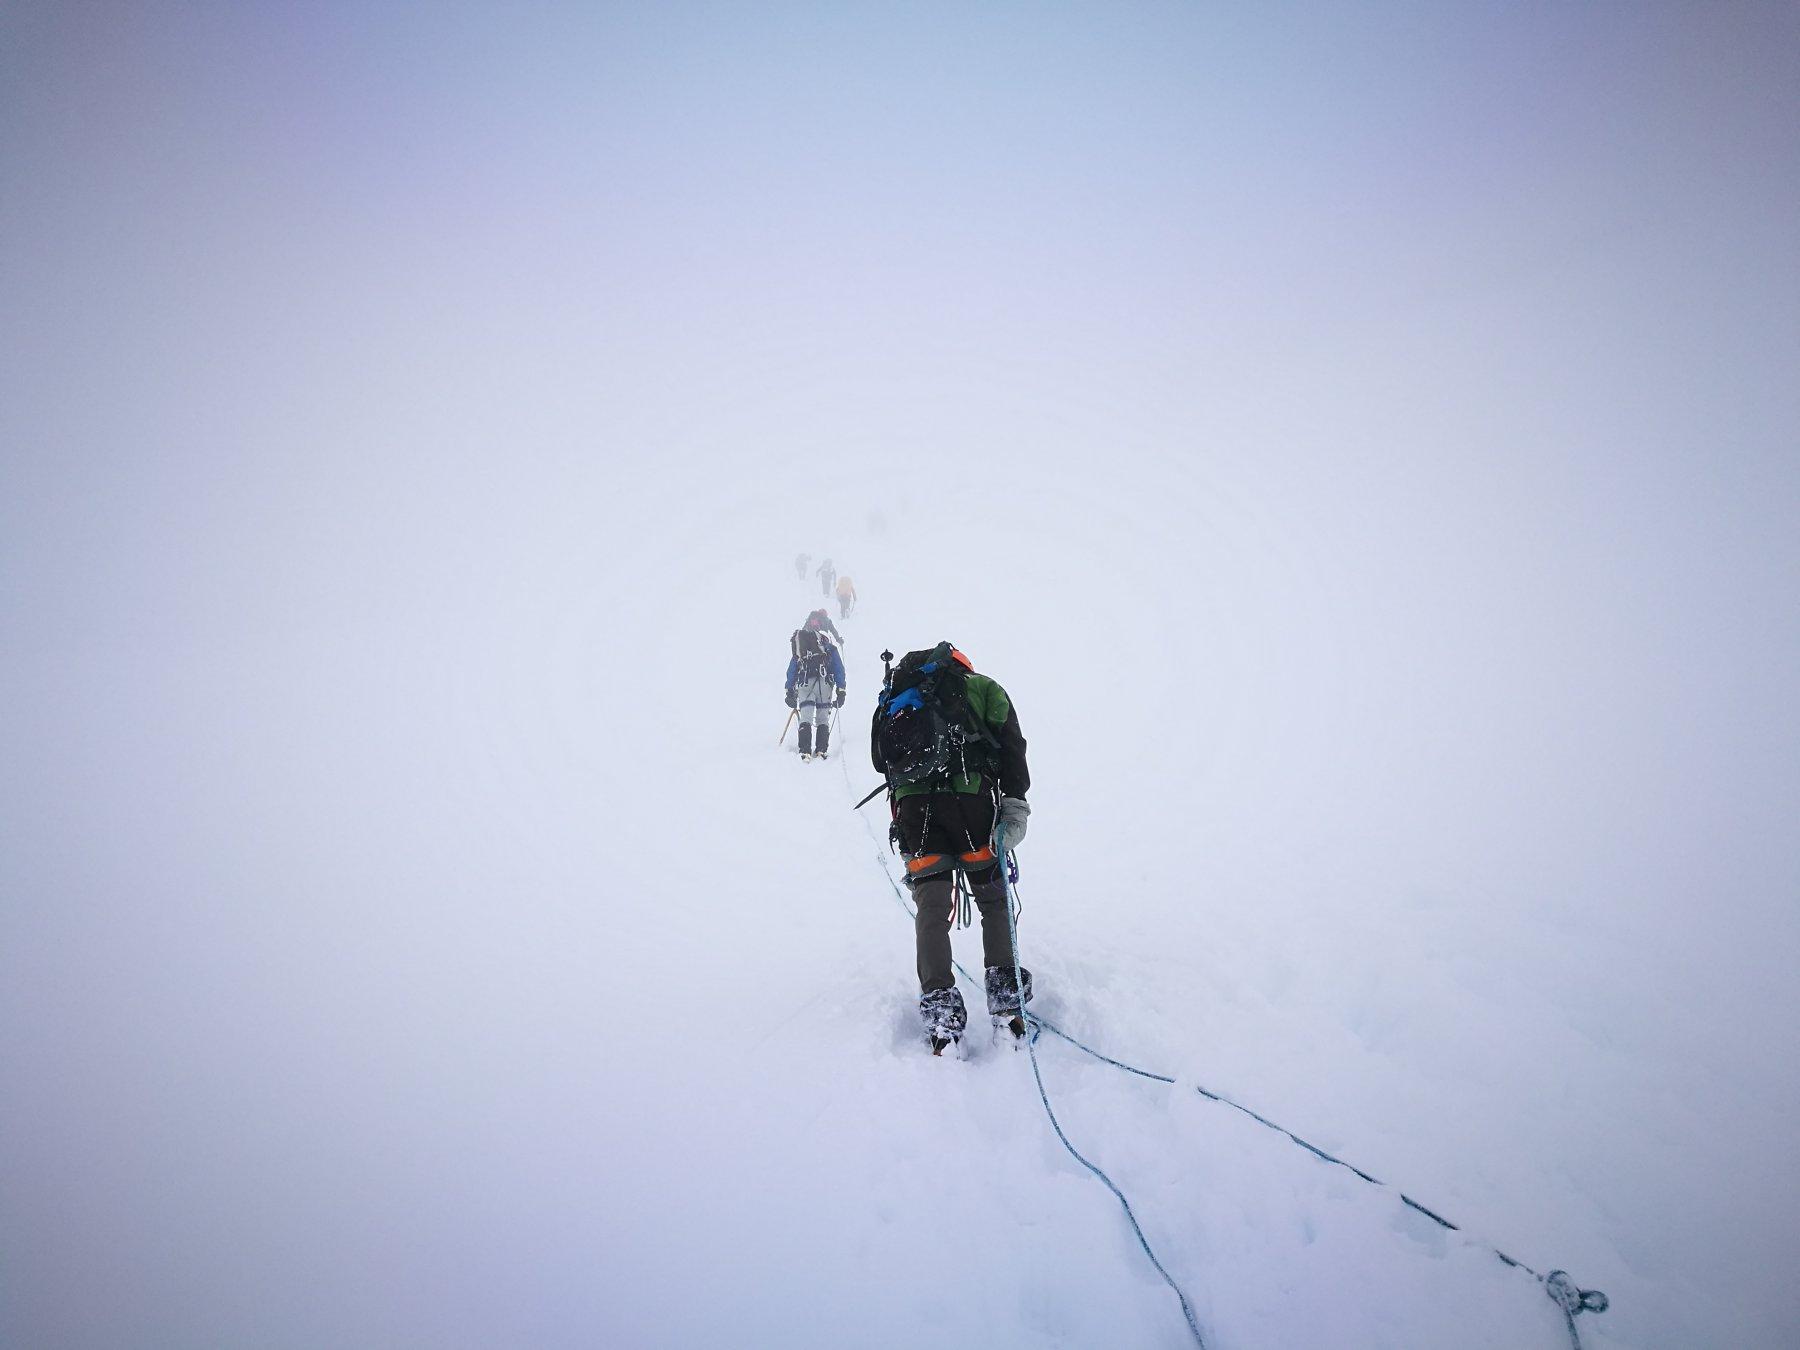 03 - cordate sul ghiacciaio nella nebbia